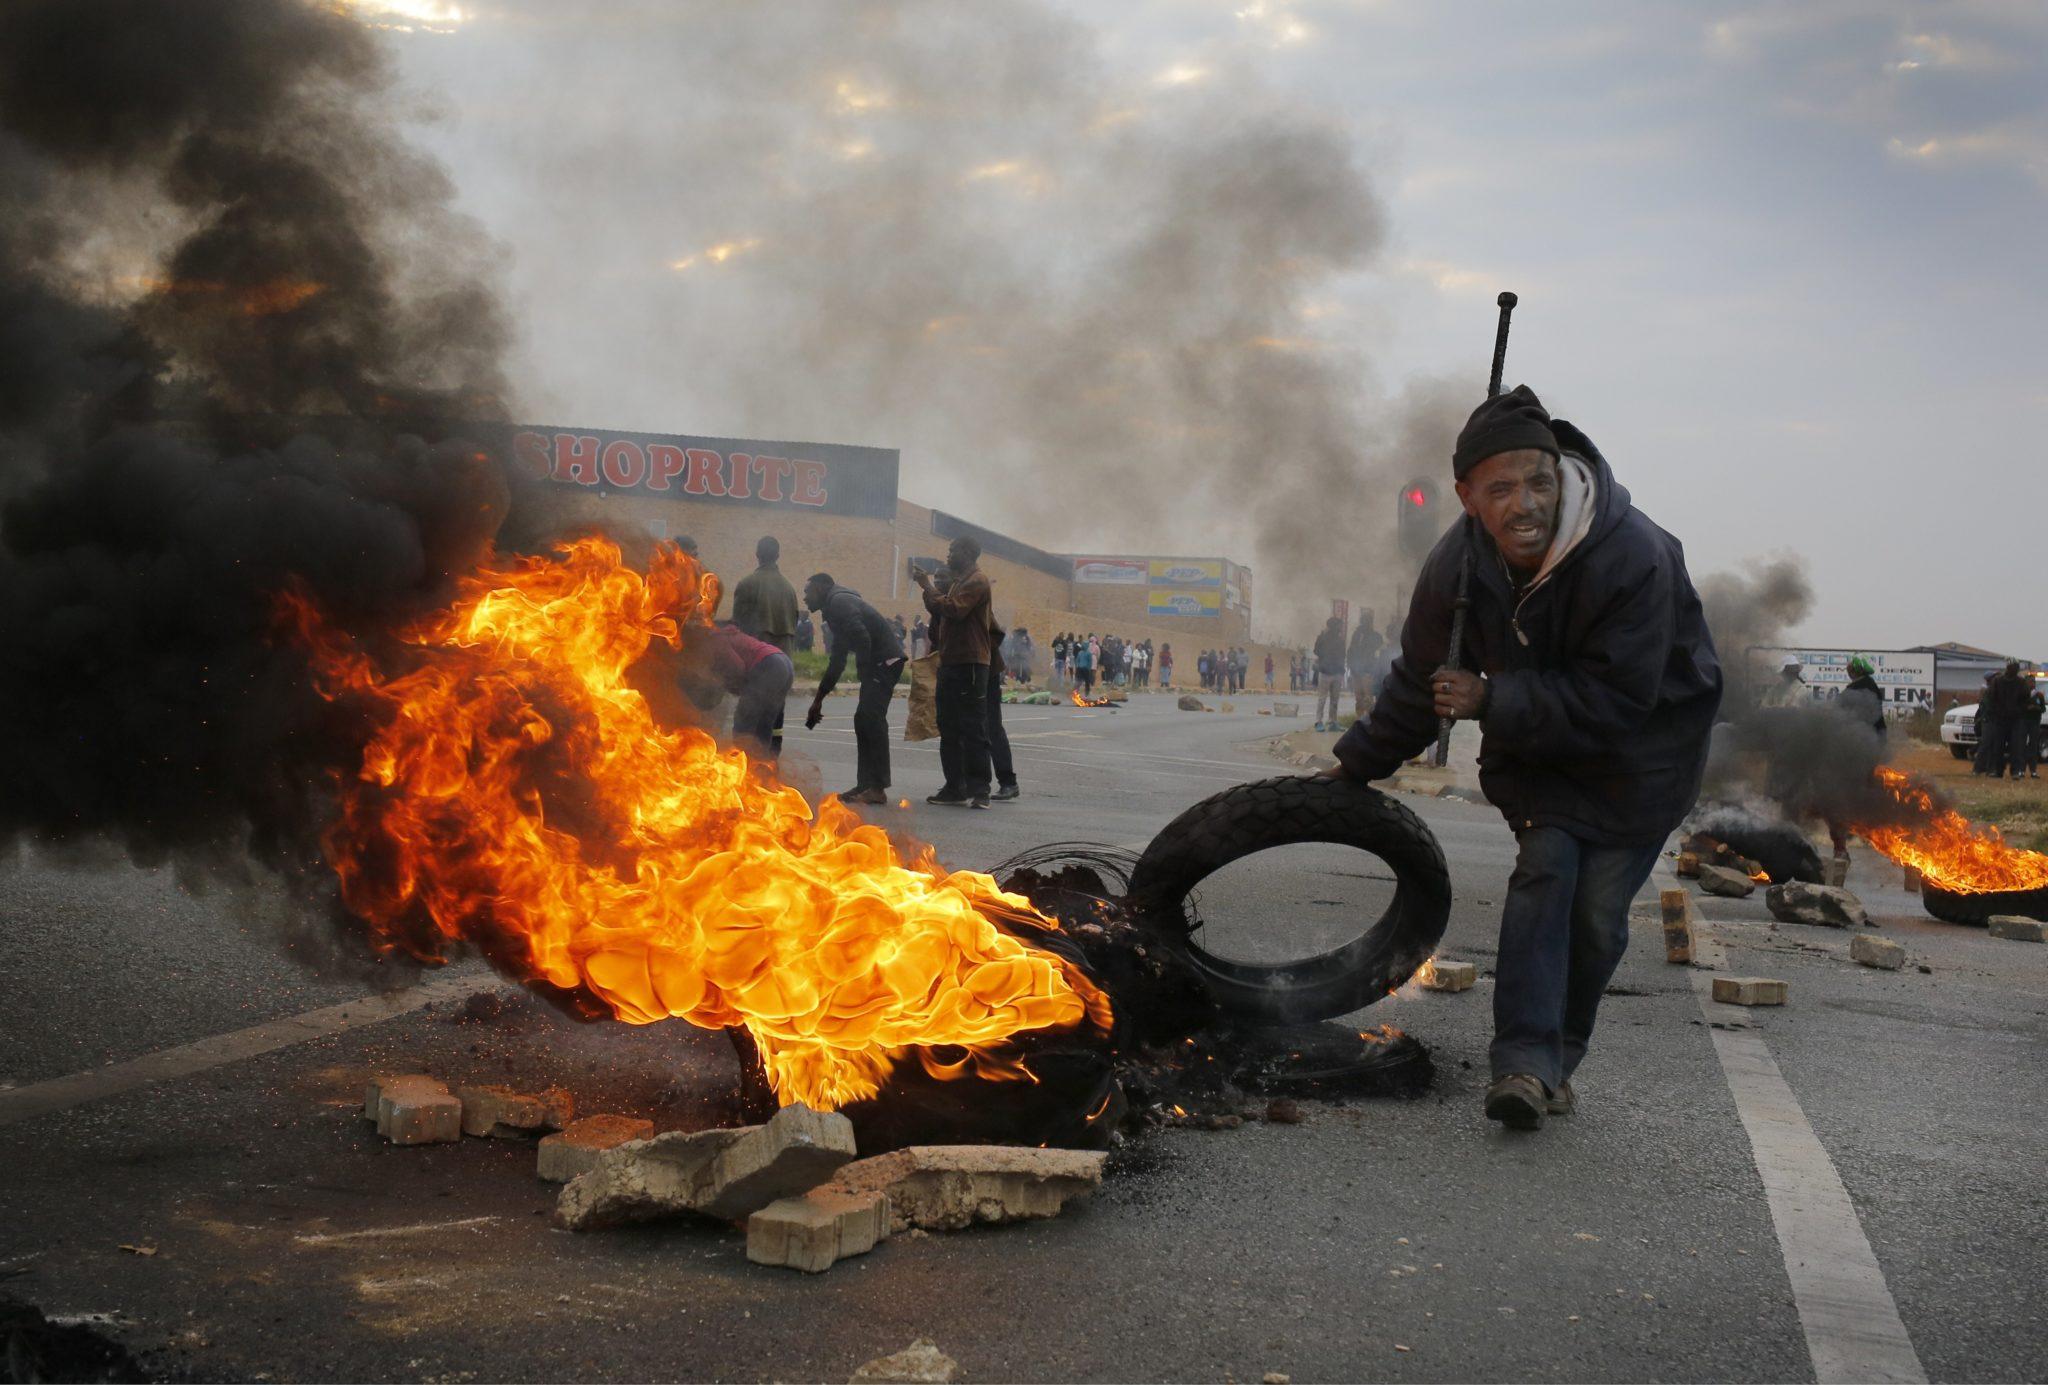 Republika Południowej Afryki: protest ludności cywilnej, przeciwko rządowi w Johannesburgu (foto. PAP/EPA/KIM LUDBROOK)